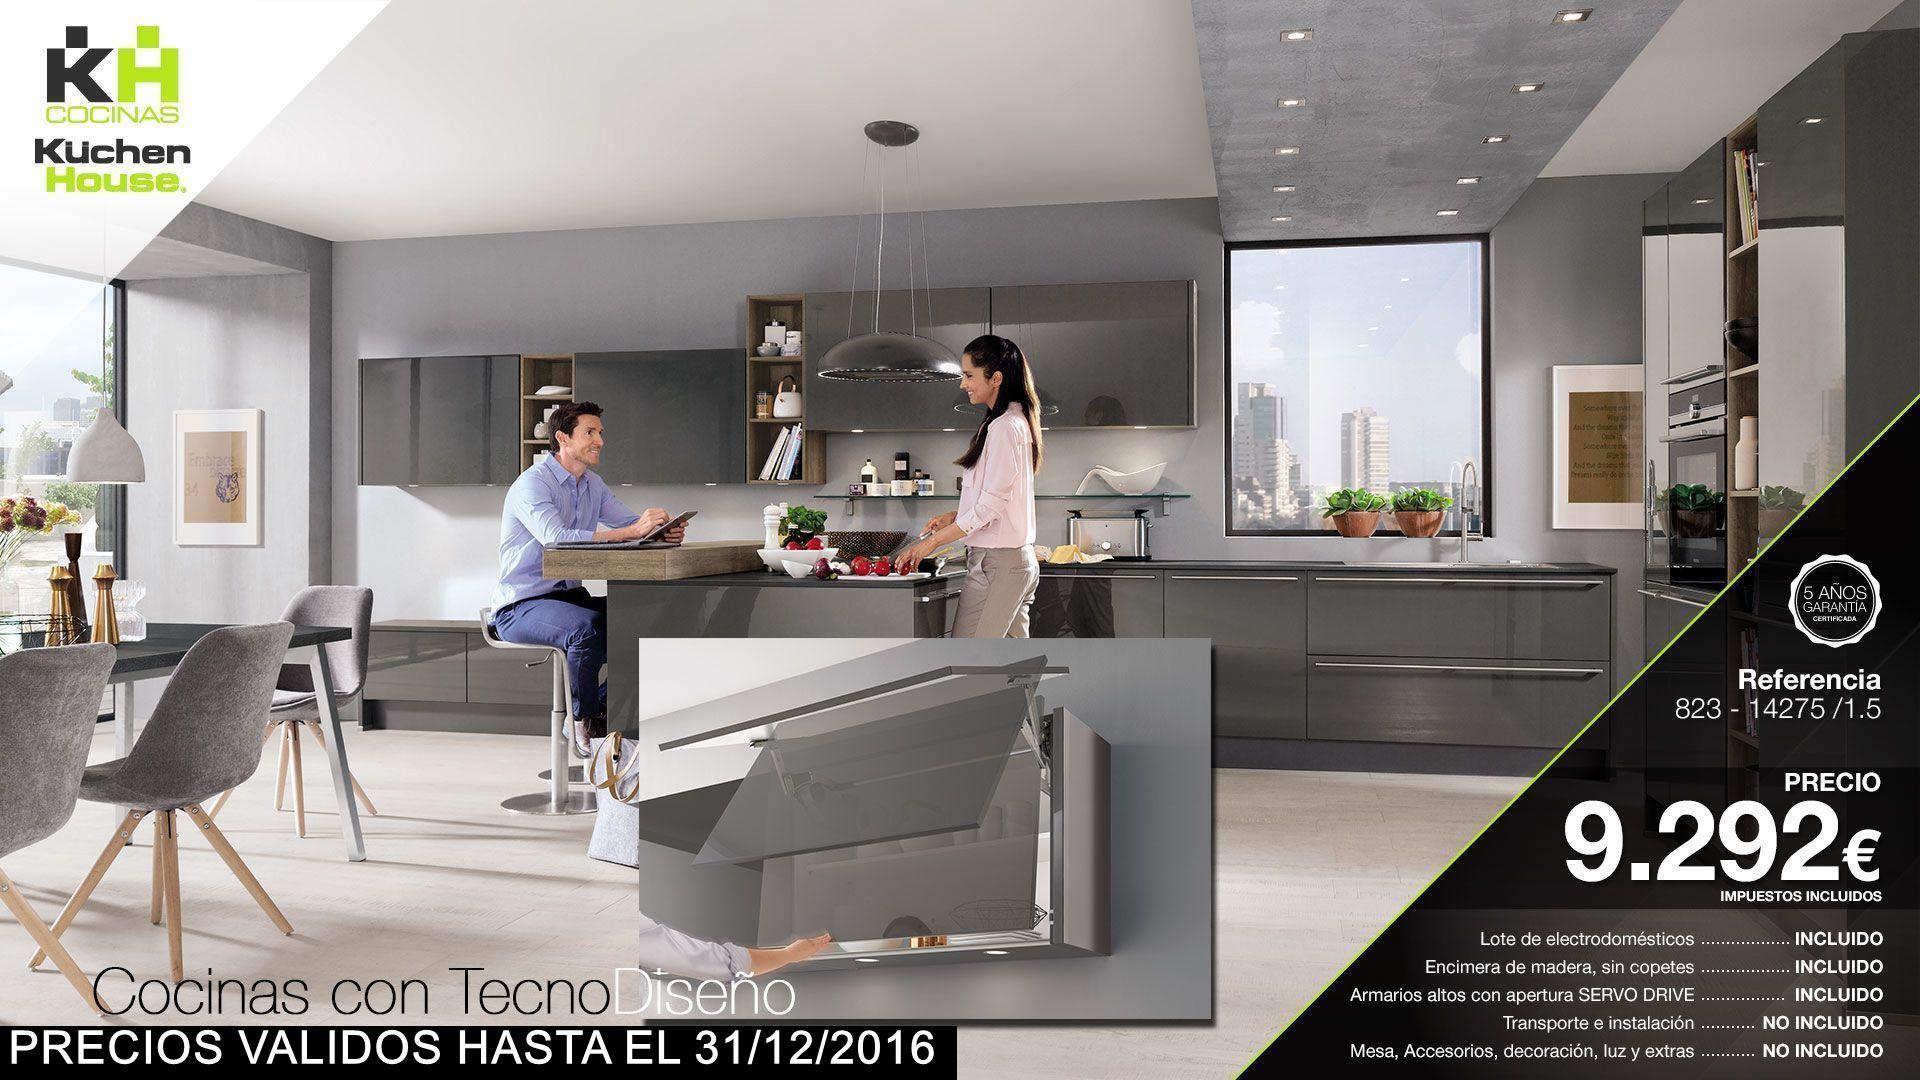 Cocina Kuchen House. Colección Novedades 2016 LUX 823-14275-1/5 - Cocinas Alemanas | TecnoDiseño | Calidad Alemana